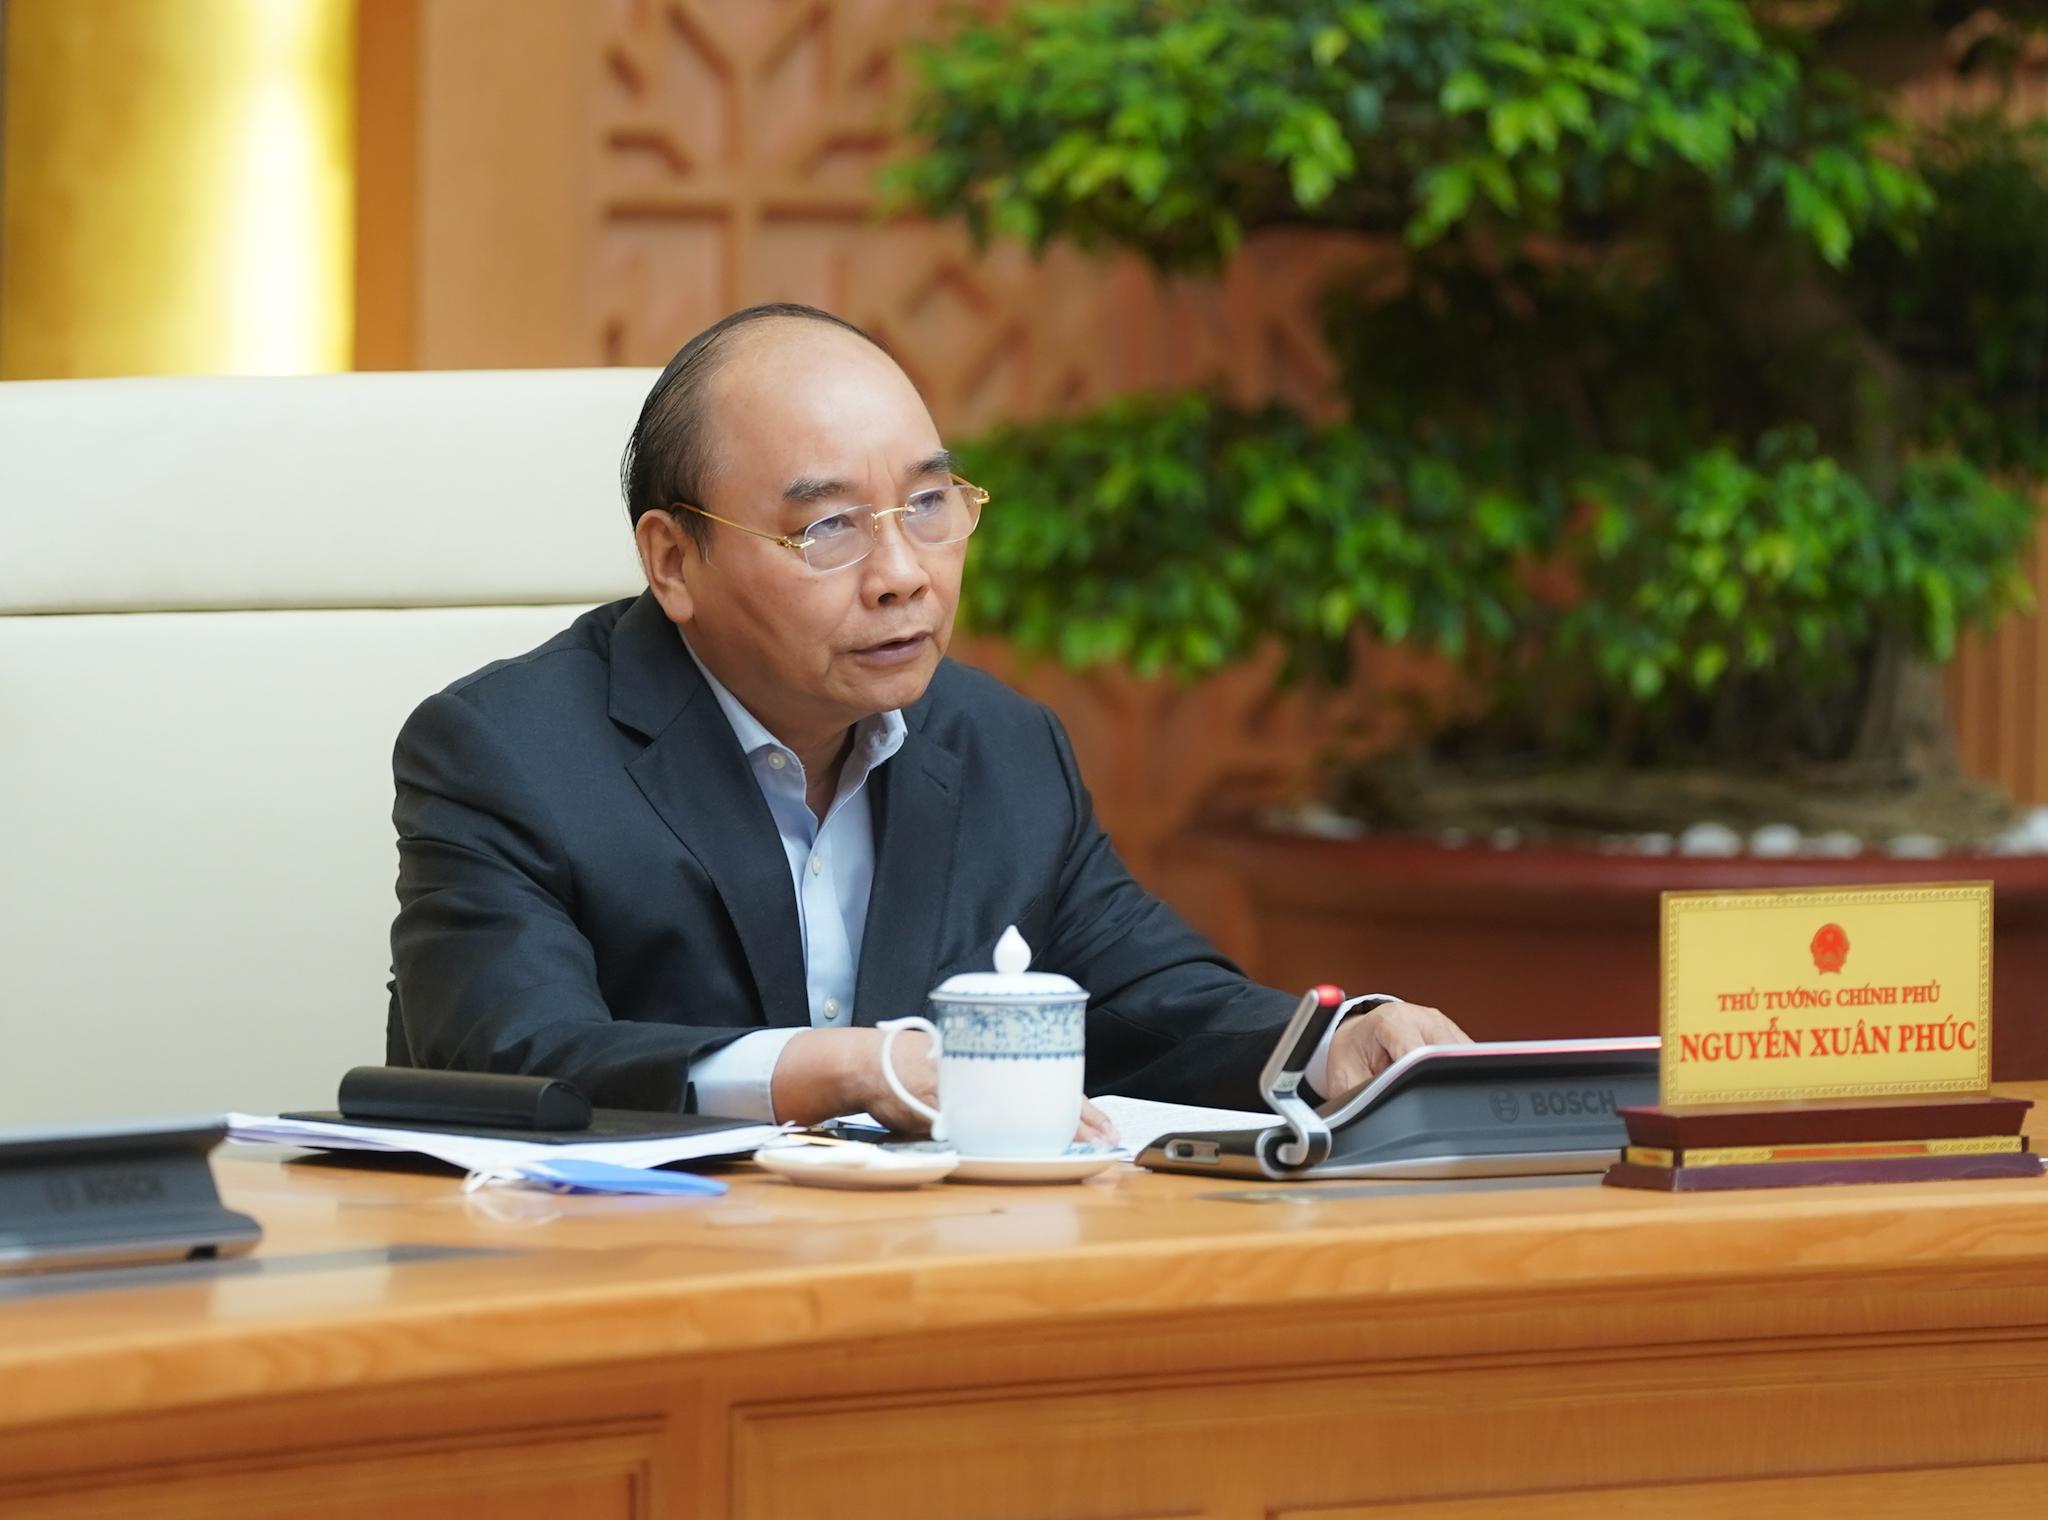 Thủ tướng phát biểu tại cuộc họp. Ảnh: VGP/Quang Hiếu